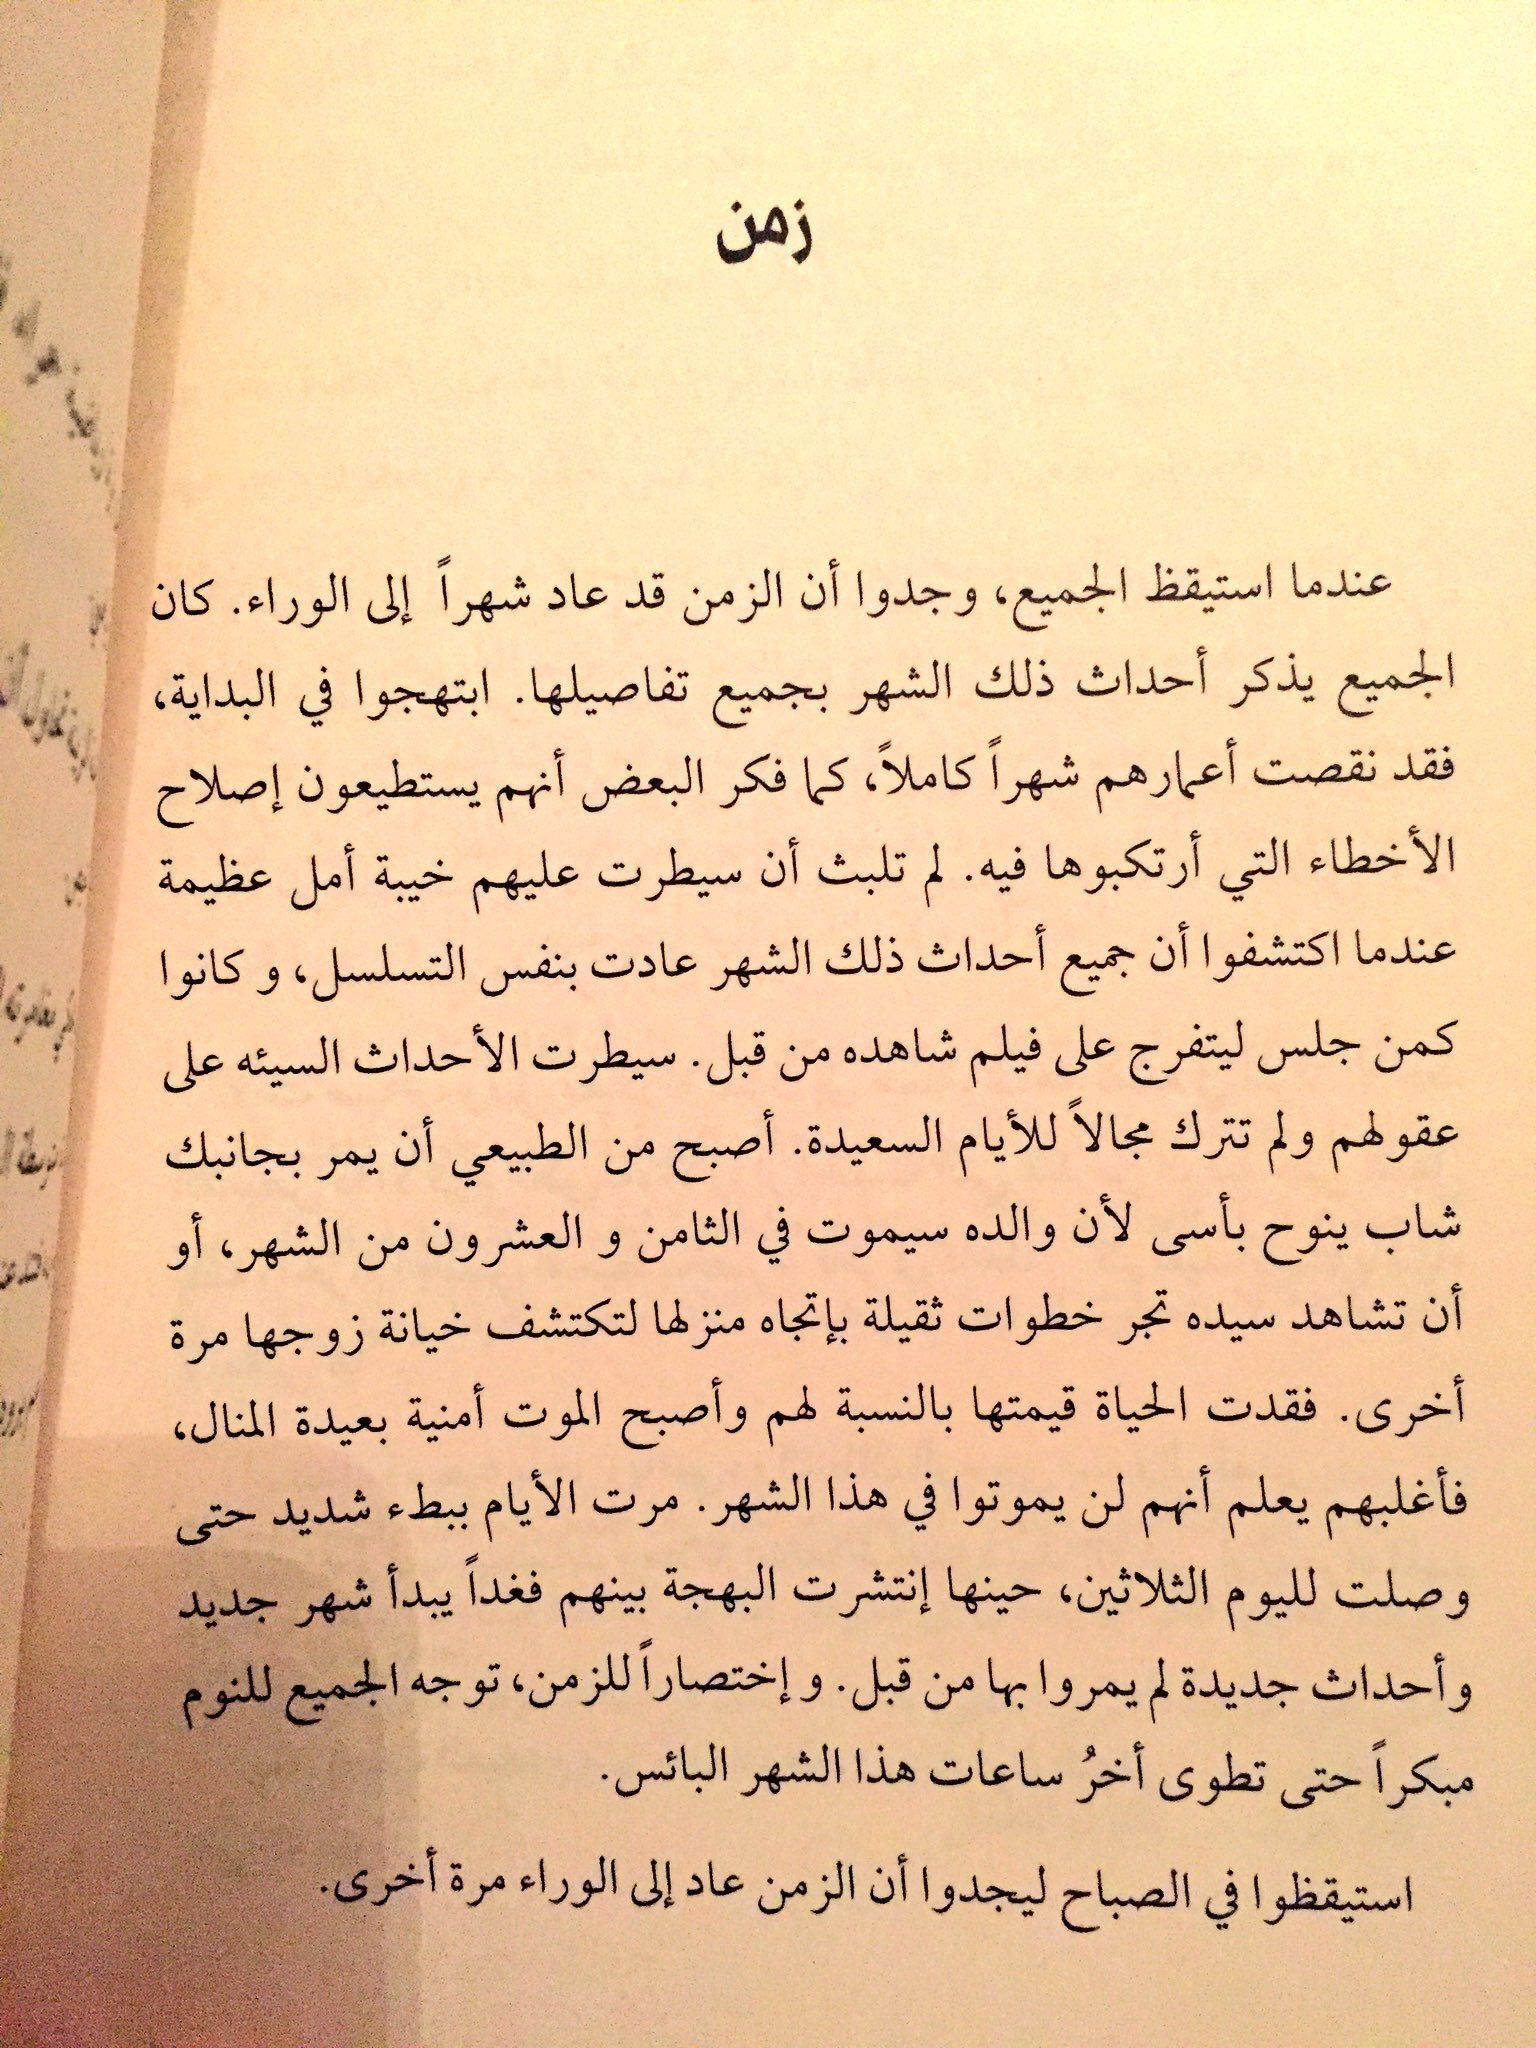 صالح الغبين On Twitter Islamic Art Sheet Music Islam